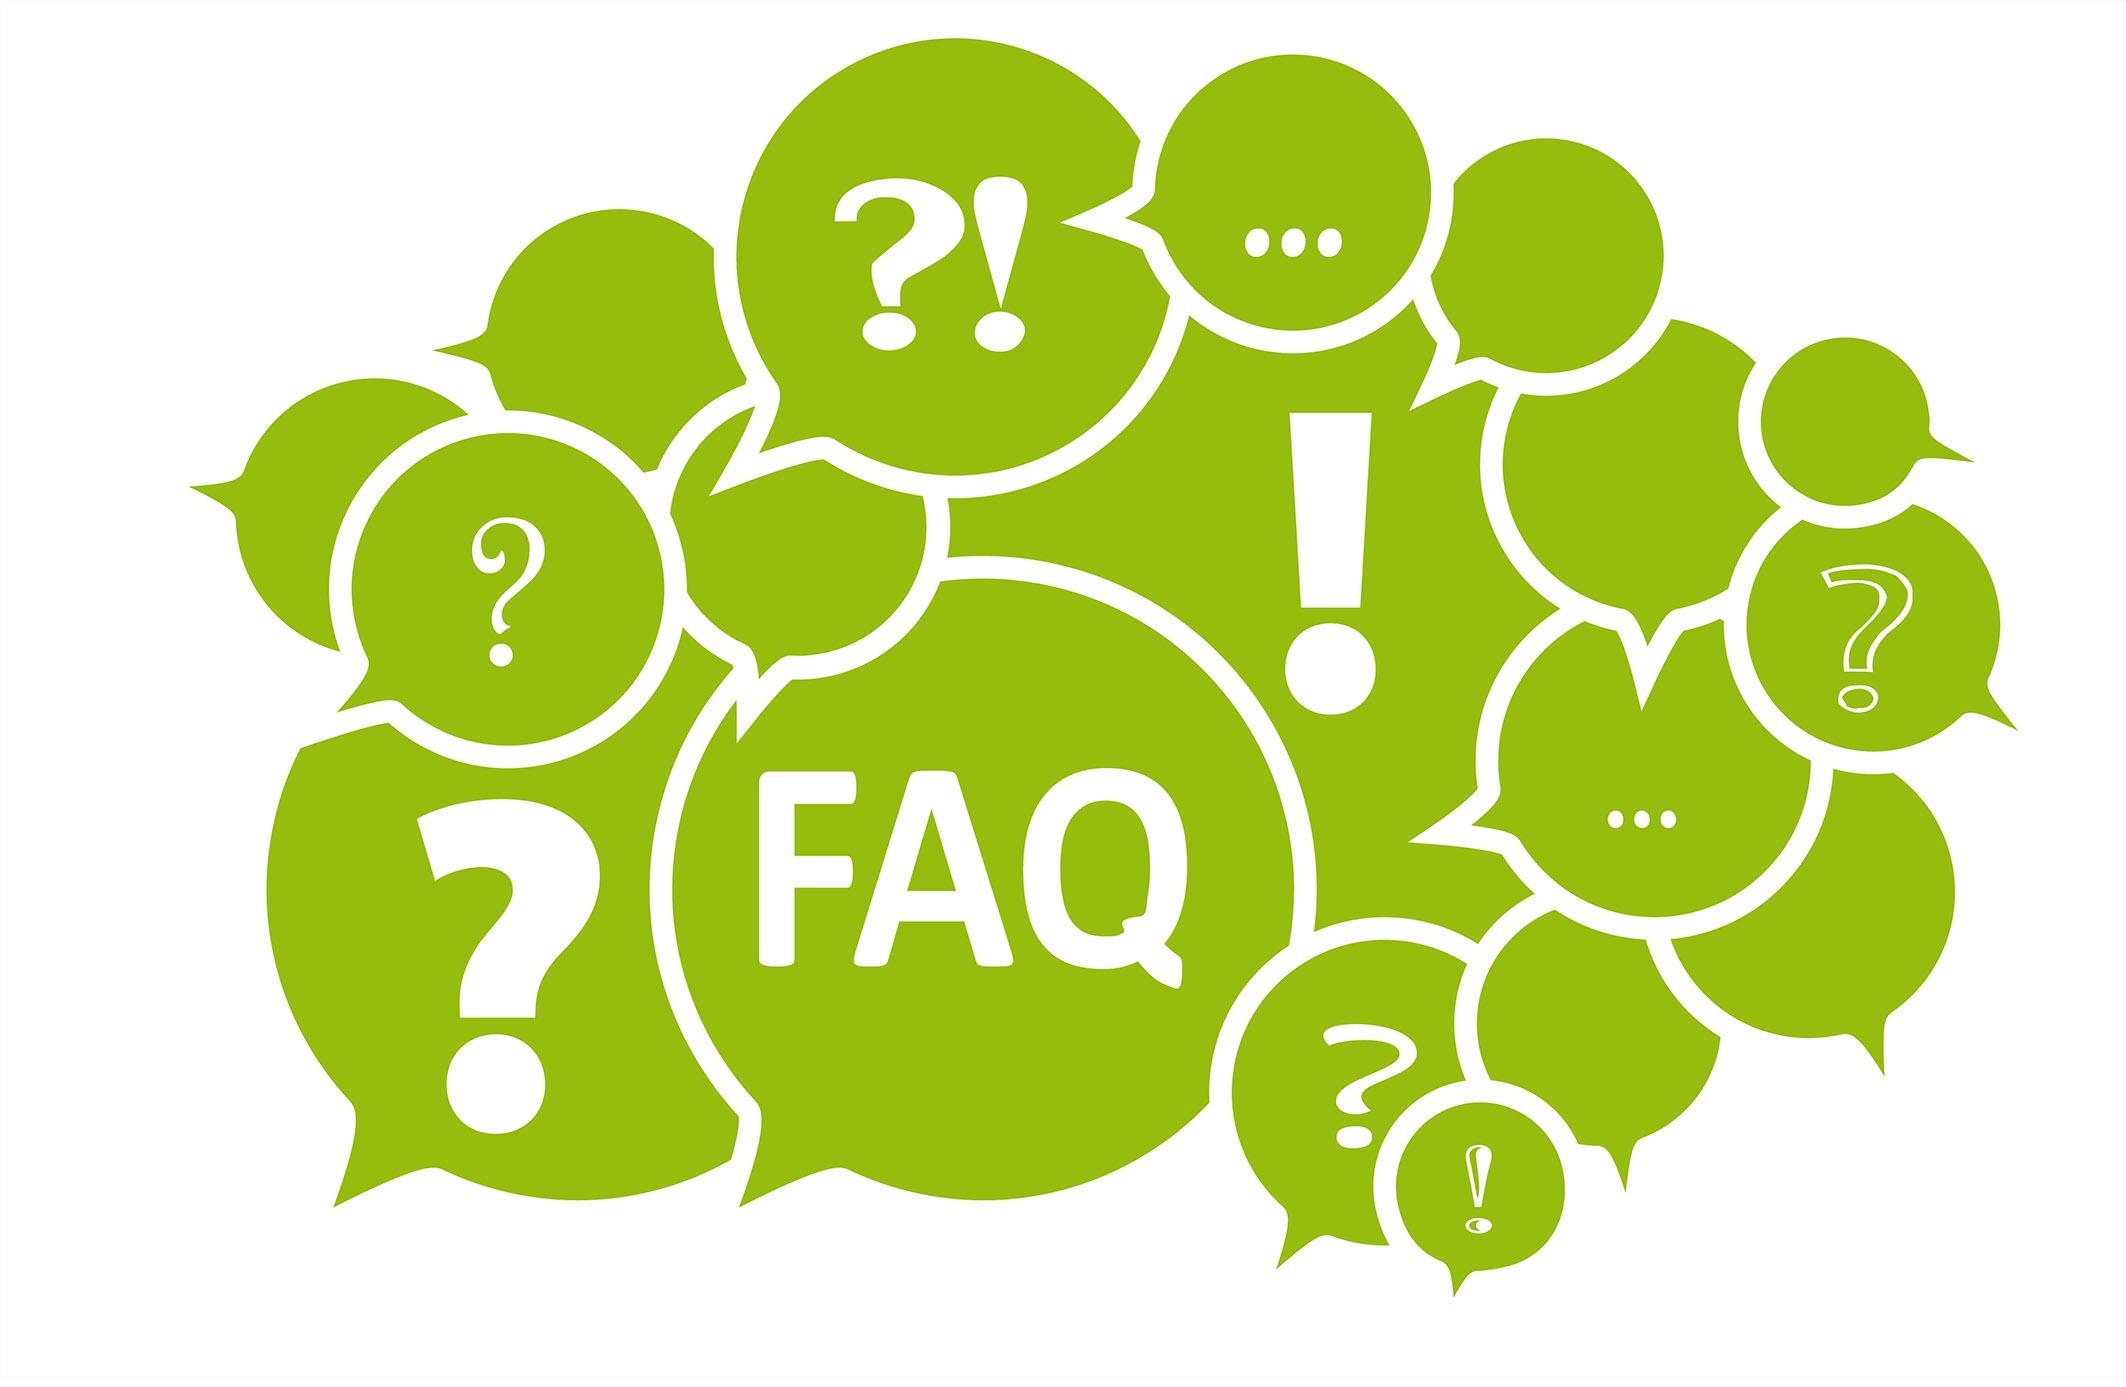 Sprechblasen mit FAQ und Fragezeichen ?